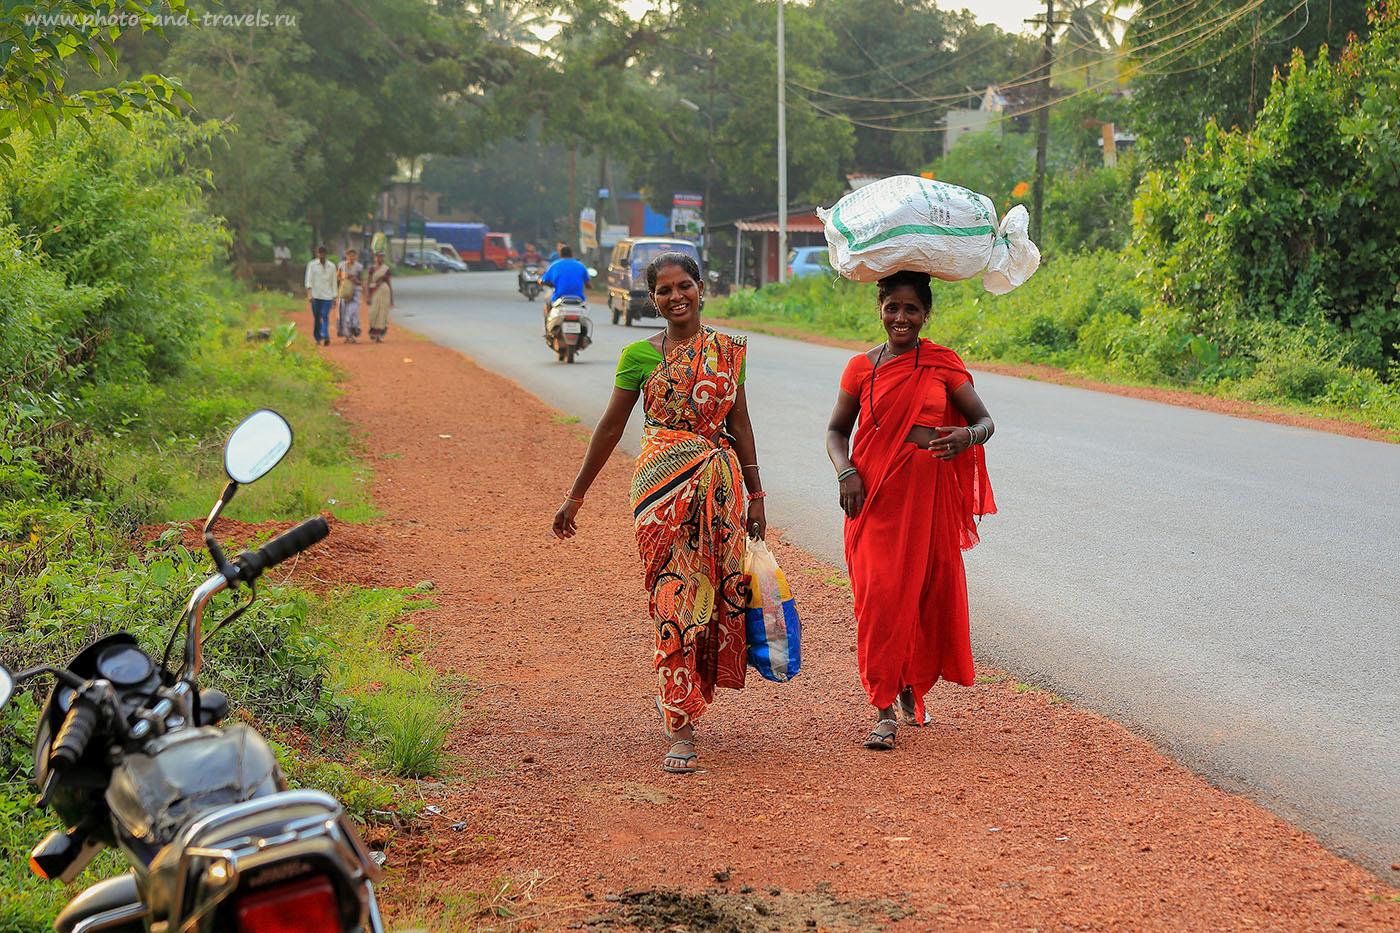 Фотография 4. Две тетки. Самостоятельная поездка в Индию. Отдых на Гоа. (70-200,1/320, 0eV, f5, 70mm, ISO 200)